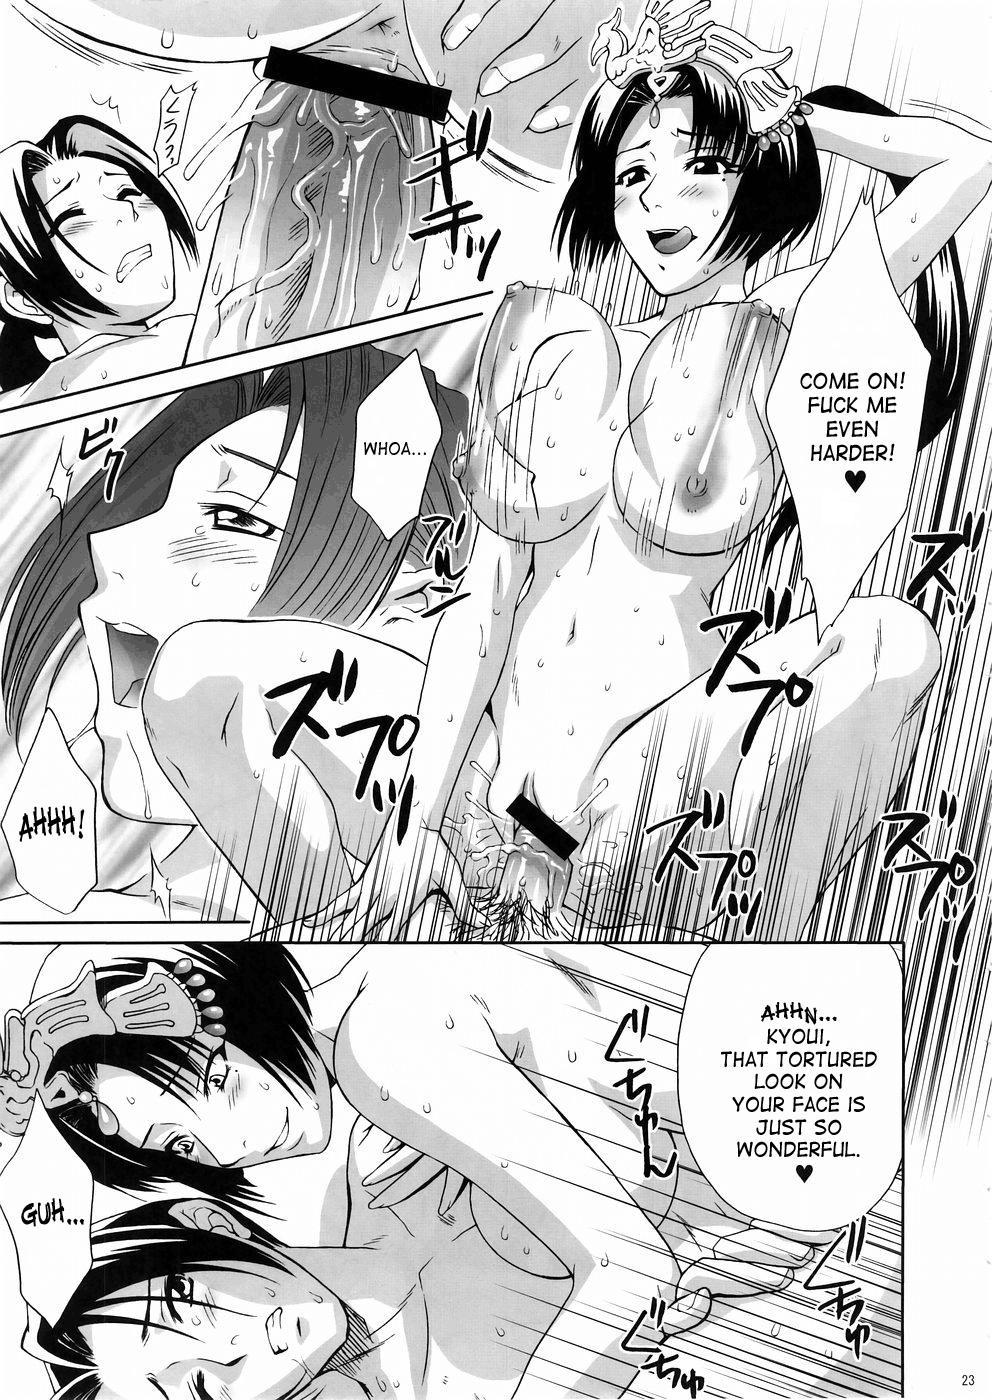 In Sangoku Musou 3 21